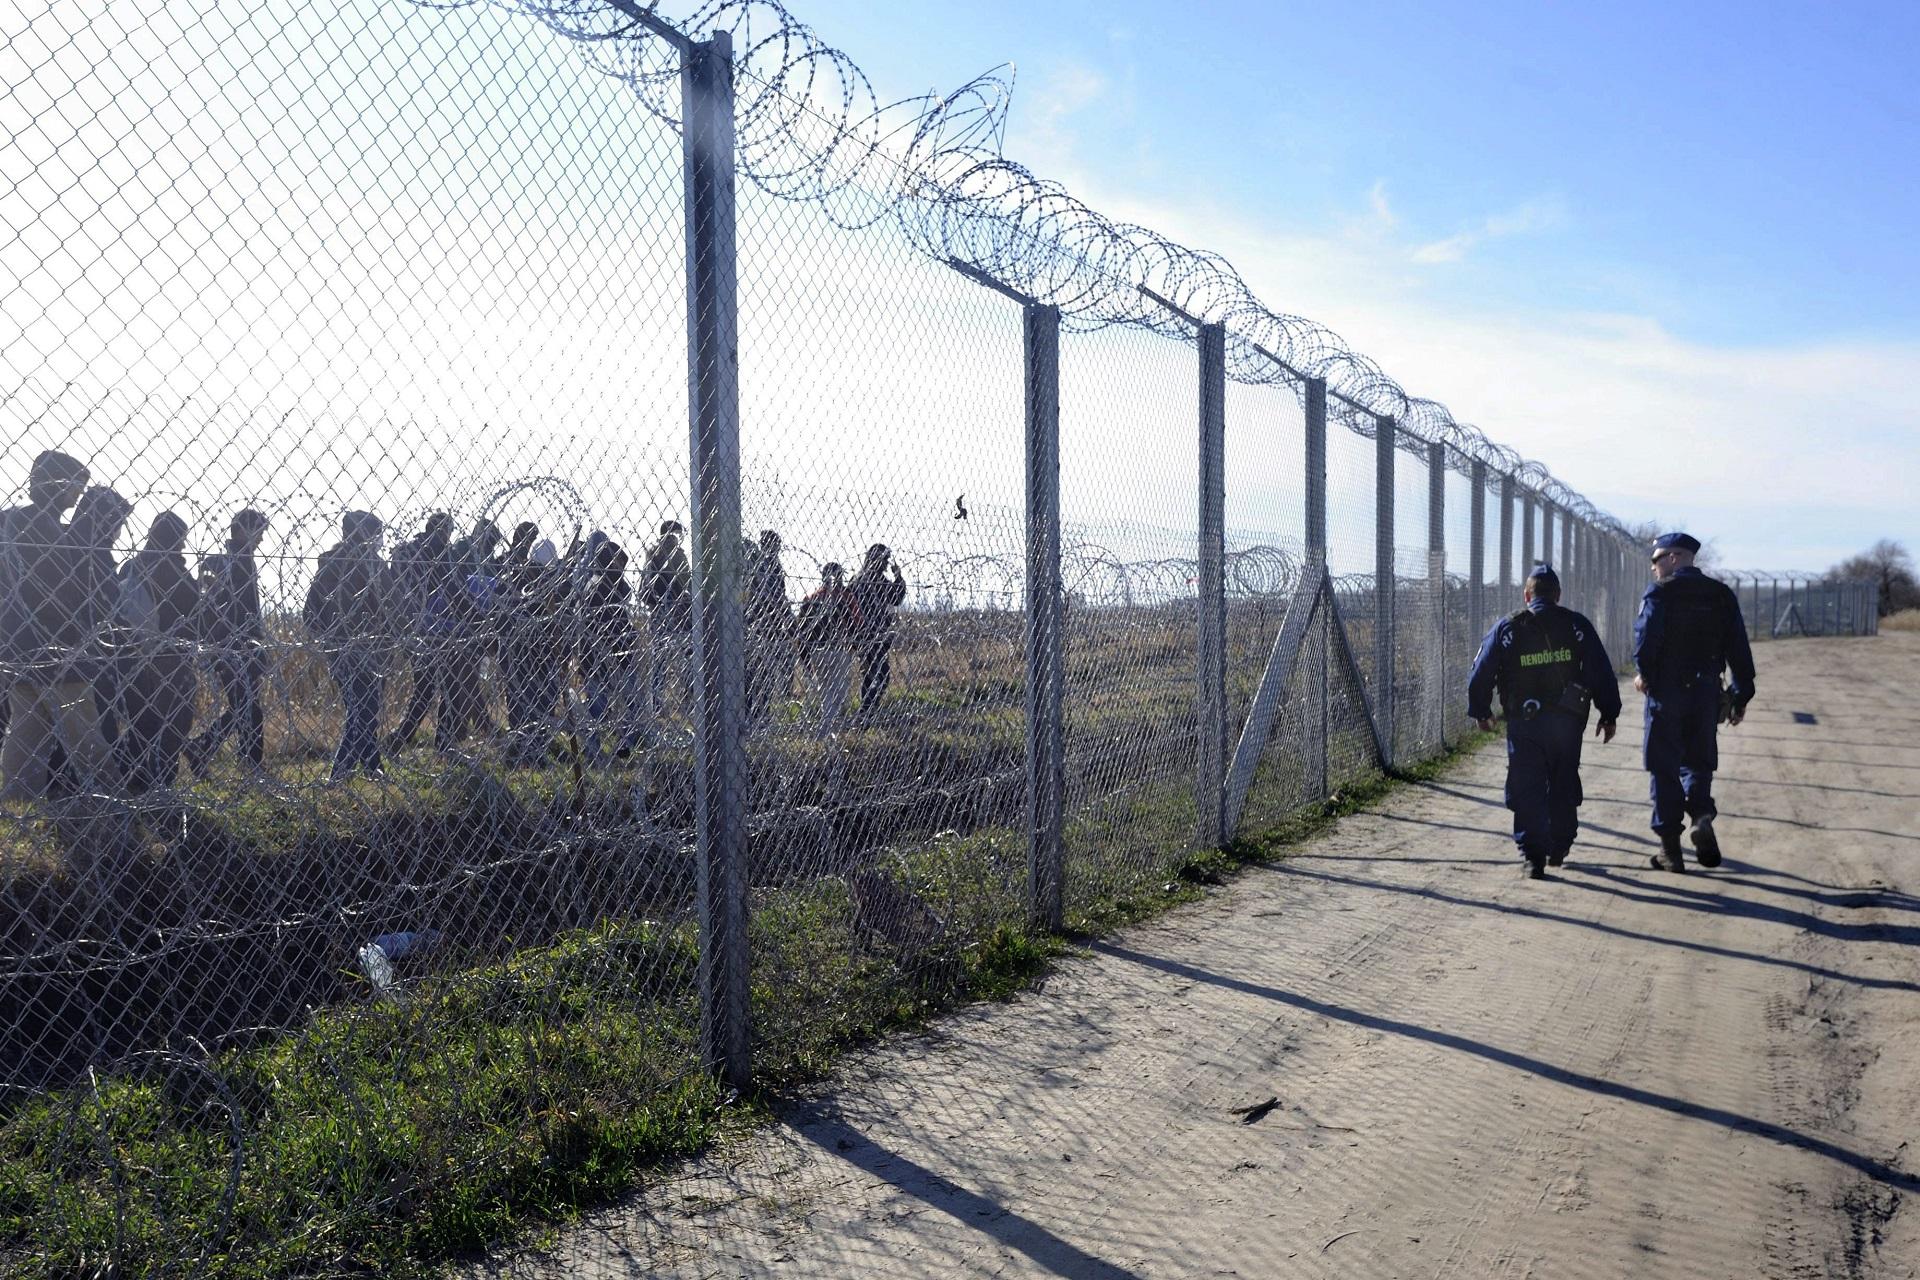 Erőszakosan próbáltak meg átjutni illegális határátlépők Mórahalomnál